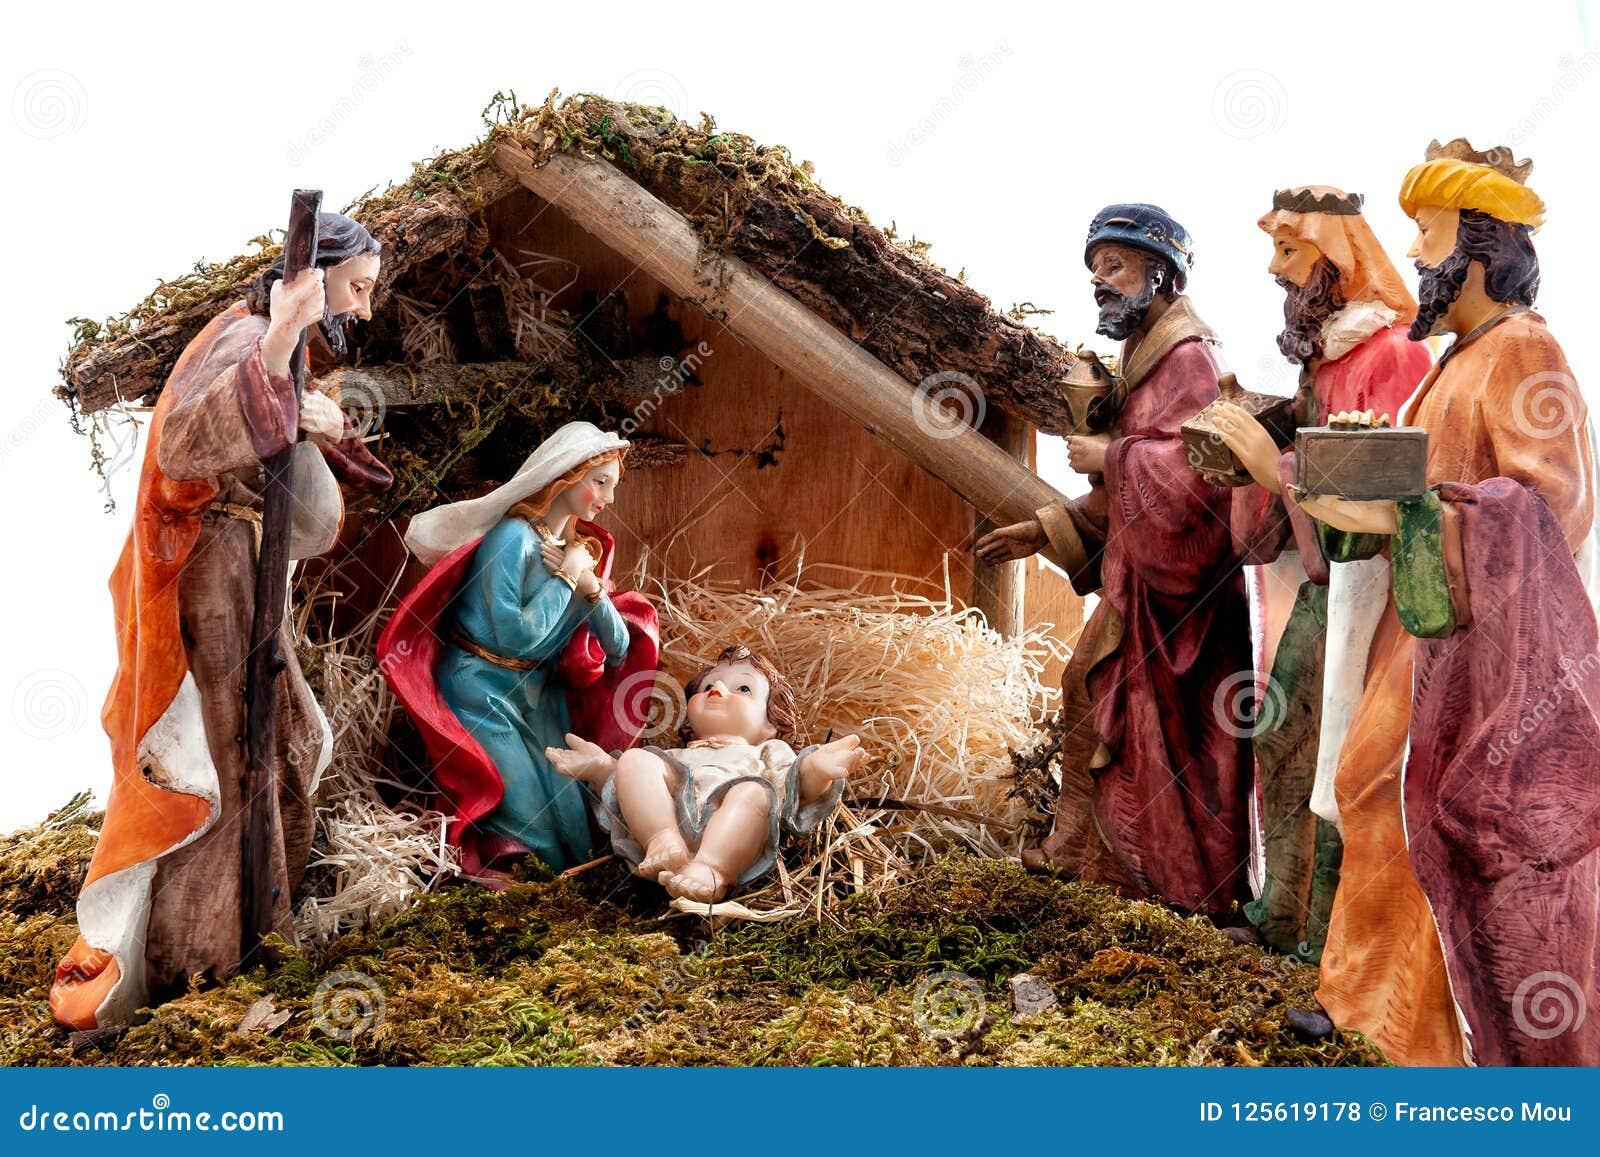 Bożenarodzeniowa narodzenie jezusa scena z Świętą rodziną w budzie i trzy mędrzec na białym tle,